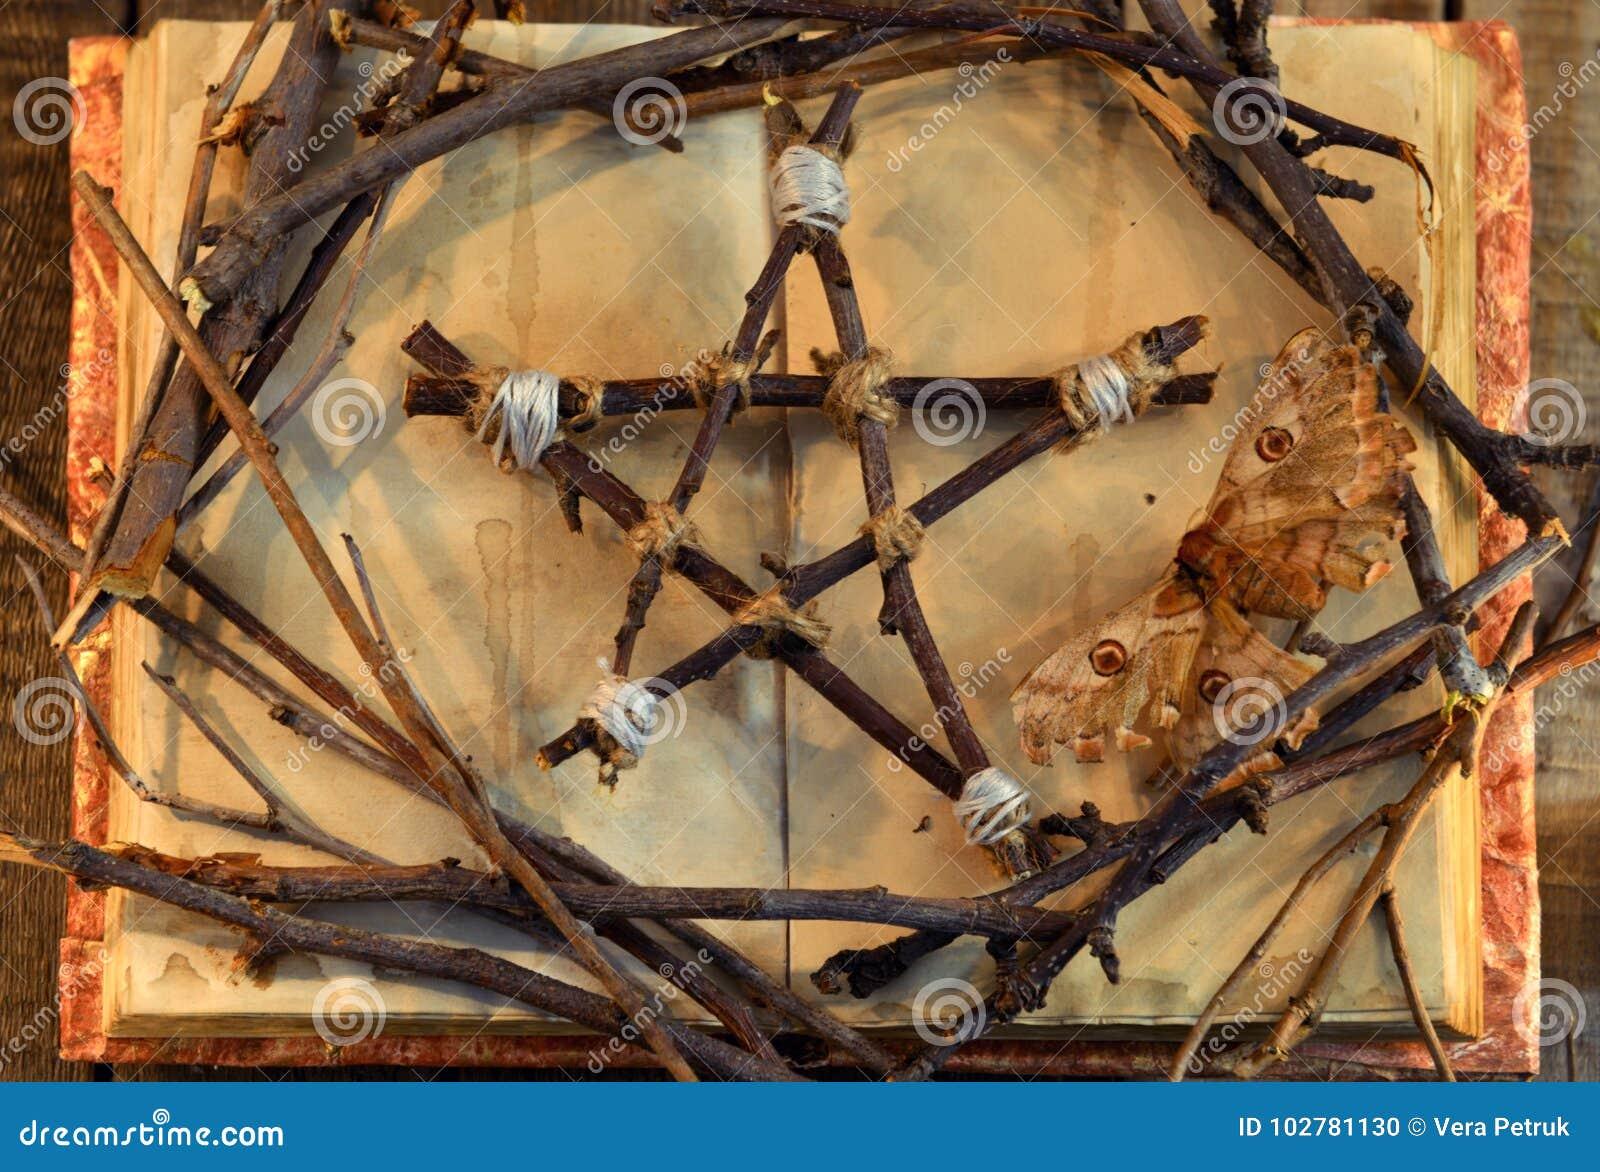 Wicca pentagram, mot - doodssymbool, en boomtakken op open boek met sjofele pagina s in kaars lichte, hoogste mening